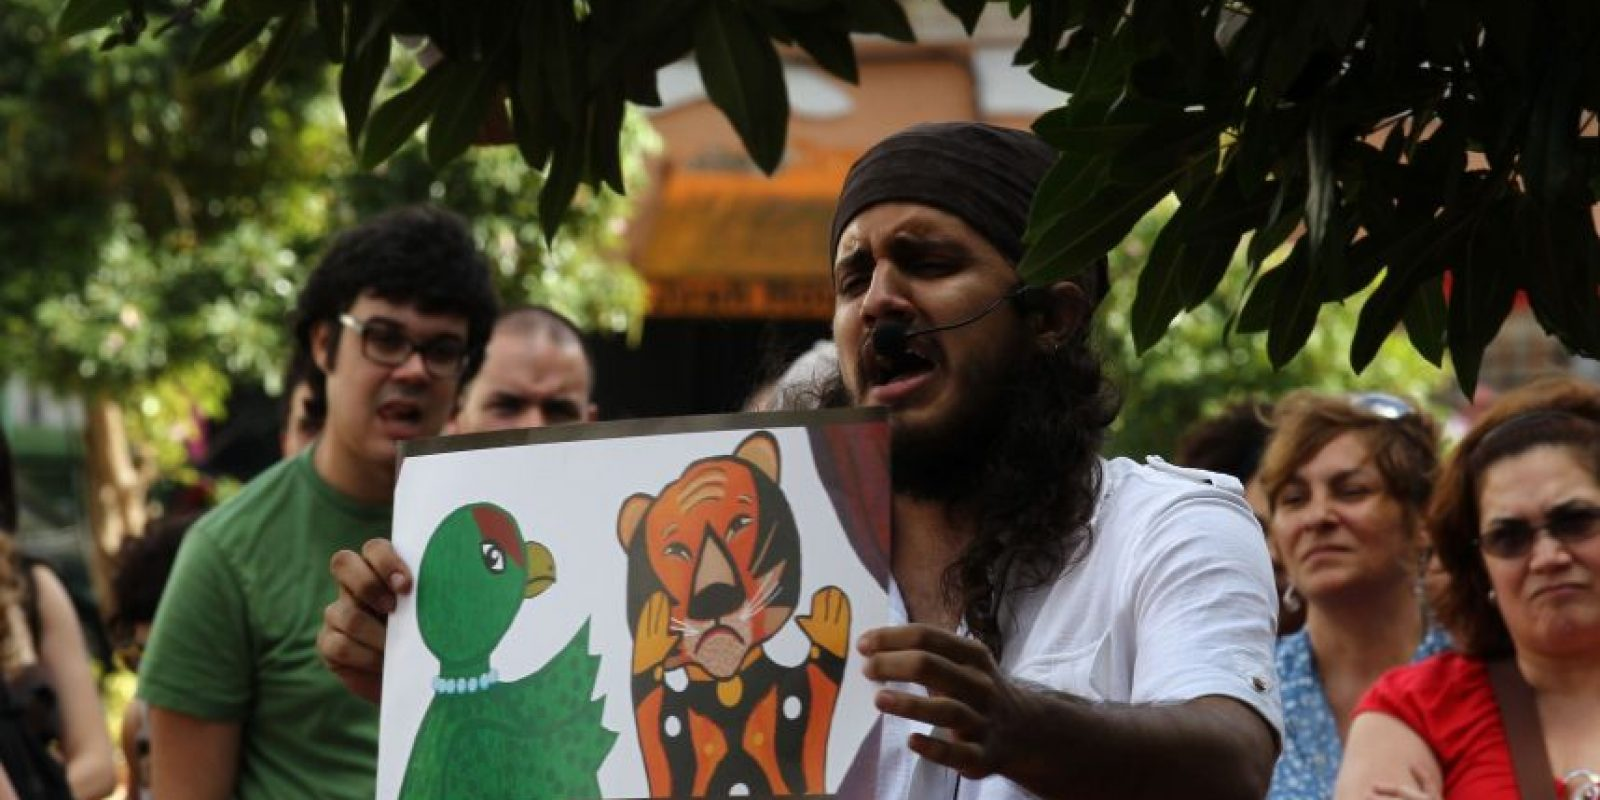 Sergio Marichal, sobrino de Tere Marichal Foto:Keno Rodríguez/ Metro Puerto Rico. Imagen Por: